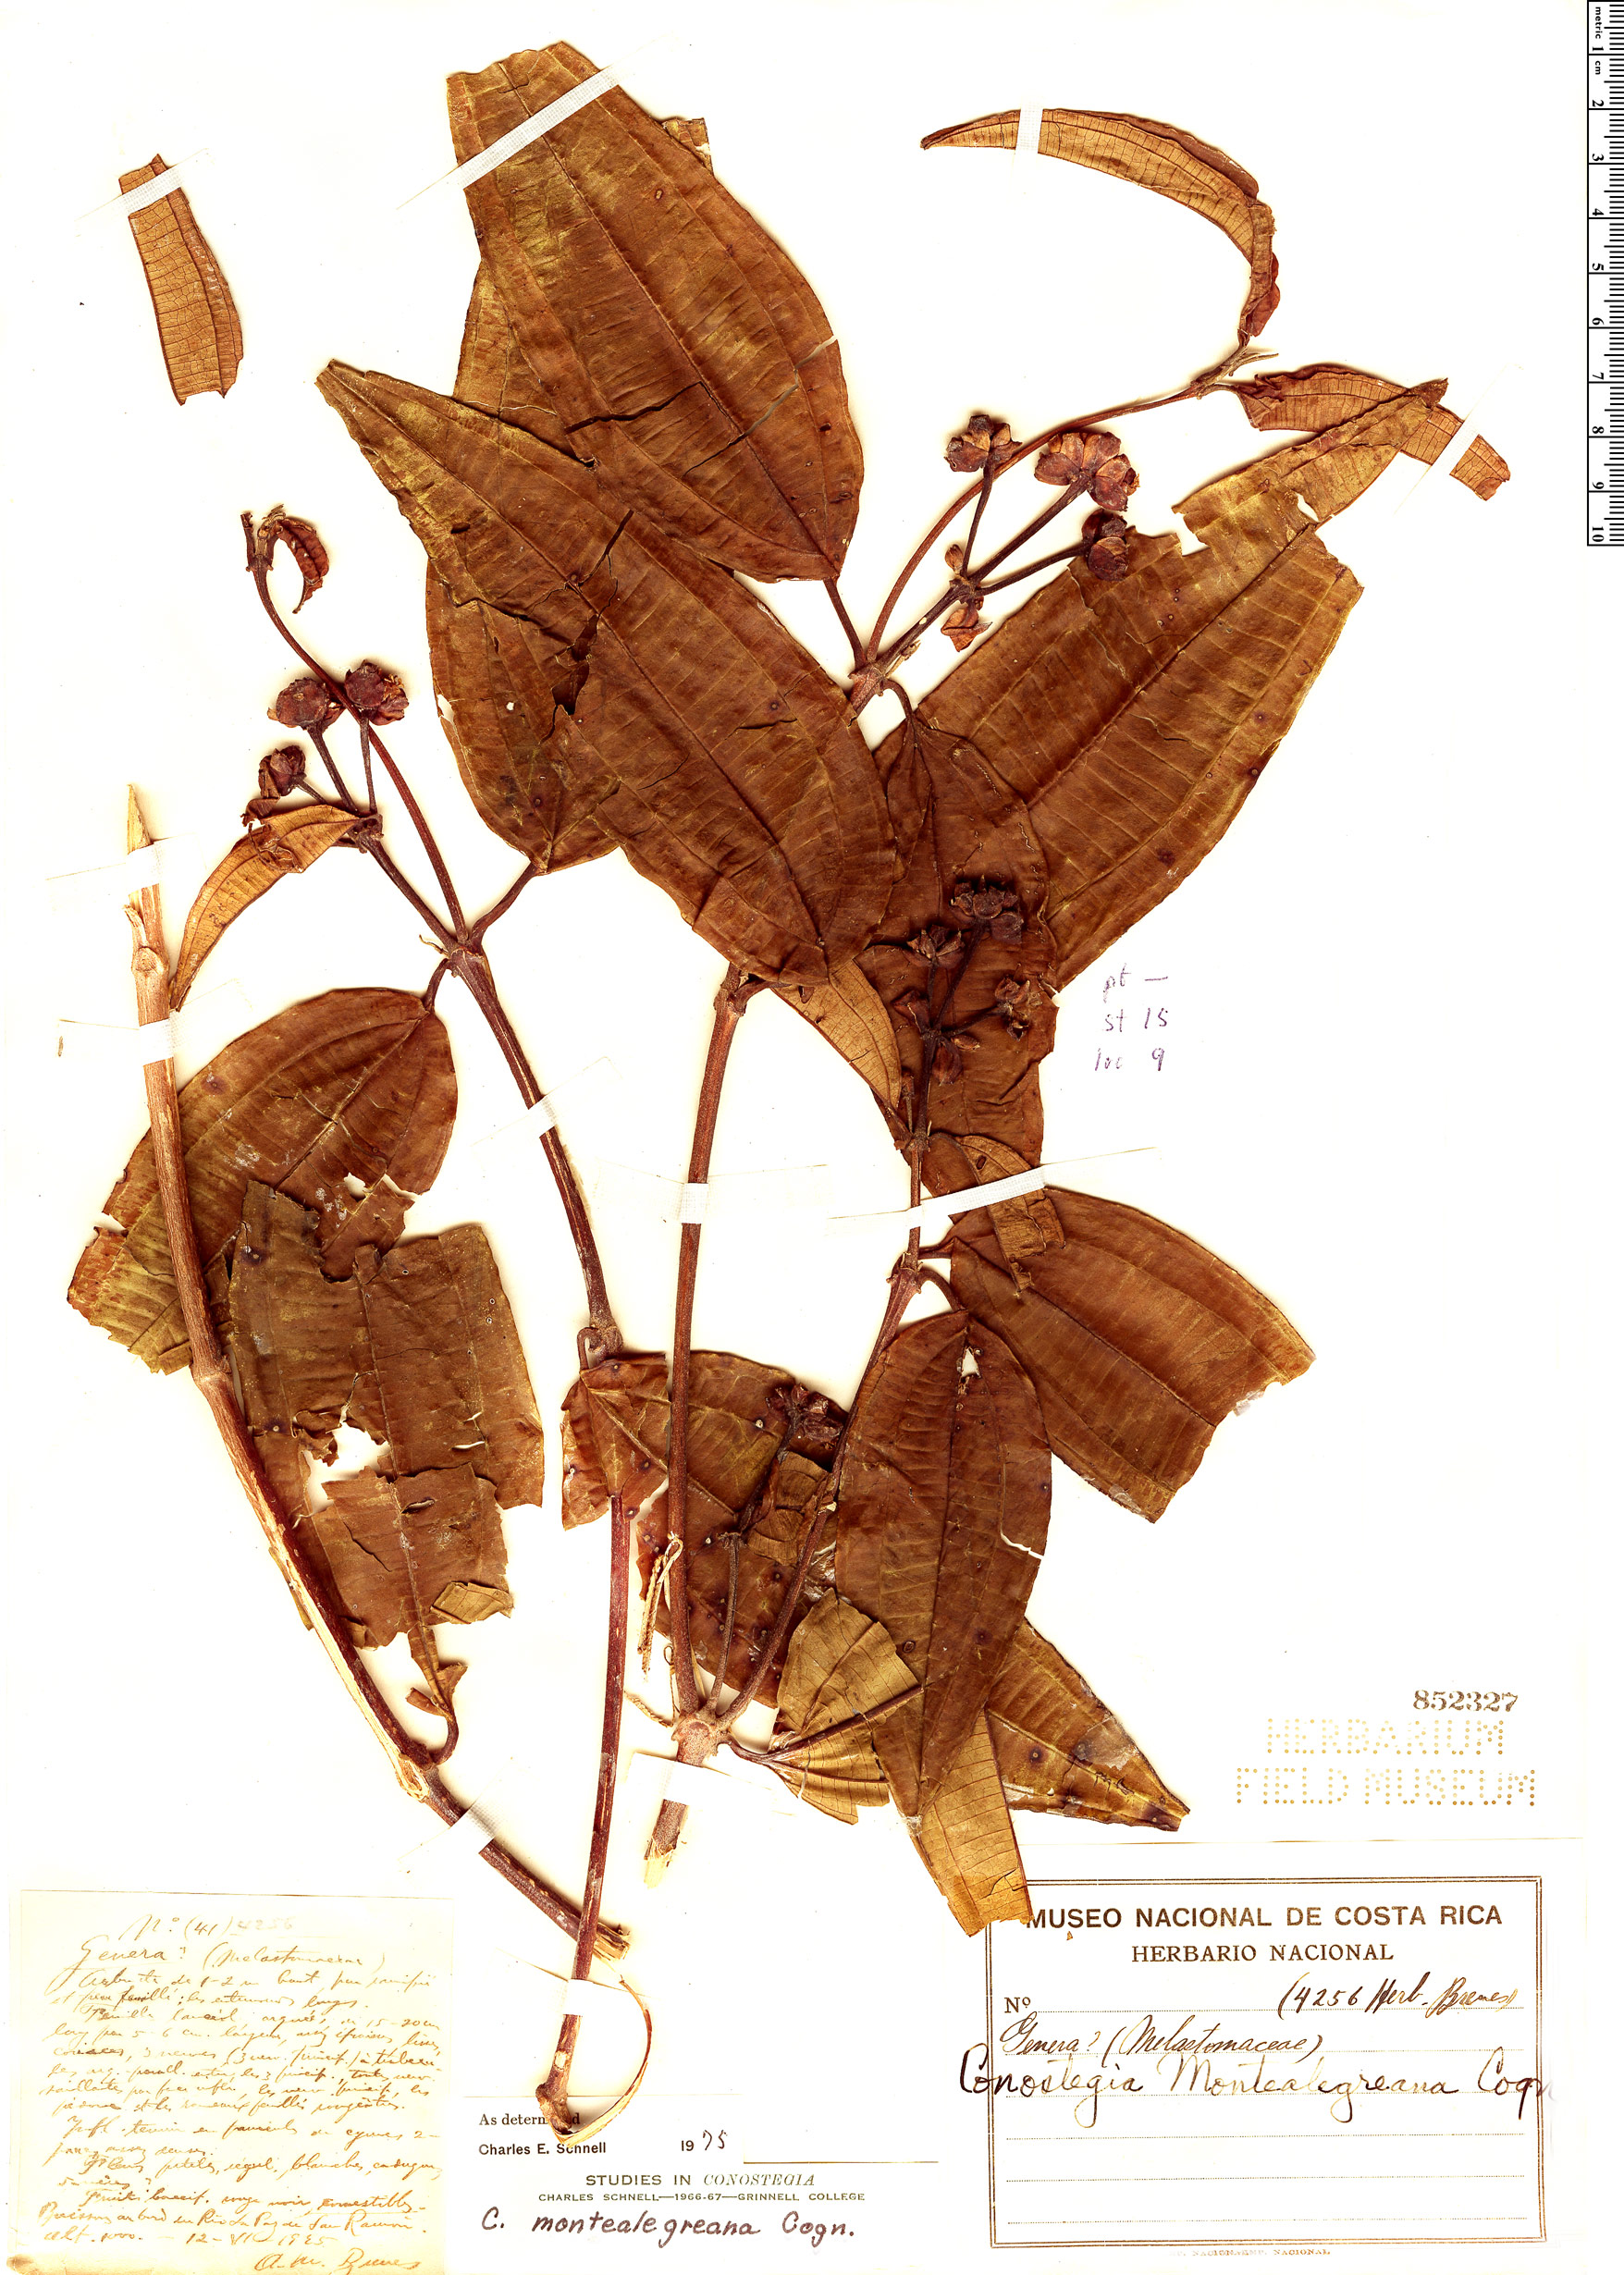 Specimen: Conostegia monteleagreana